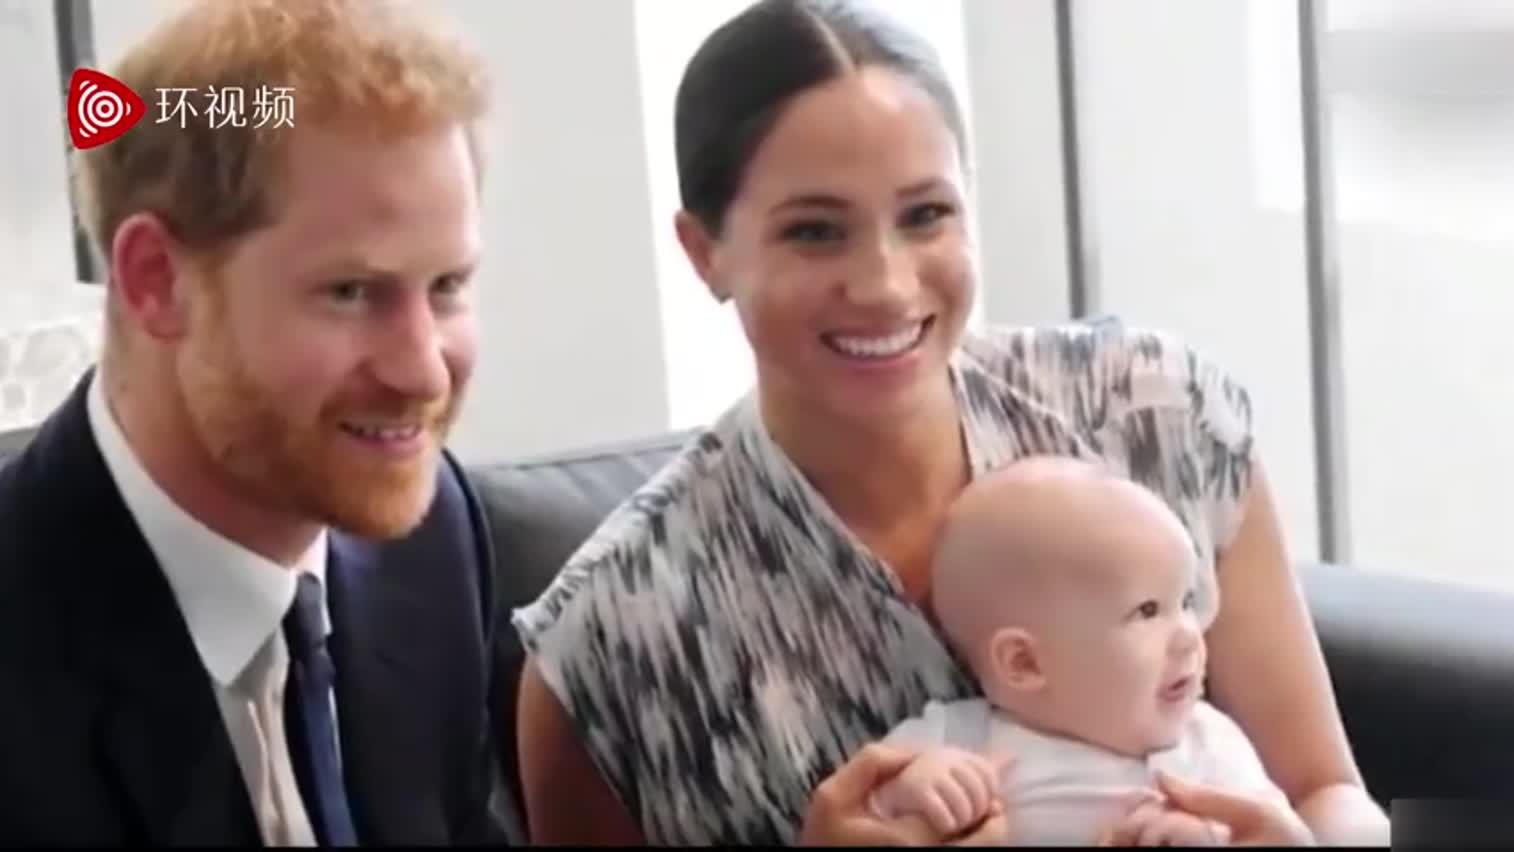 视频-白金汉宫确认:哈里梅根将放弃王室头衔 不再